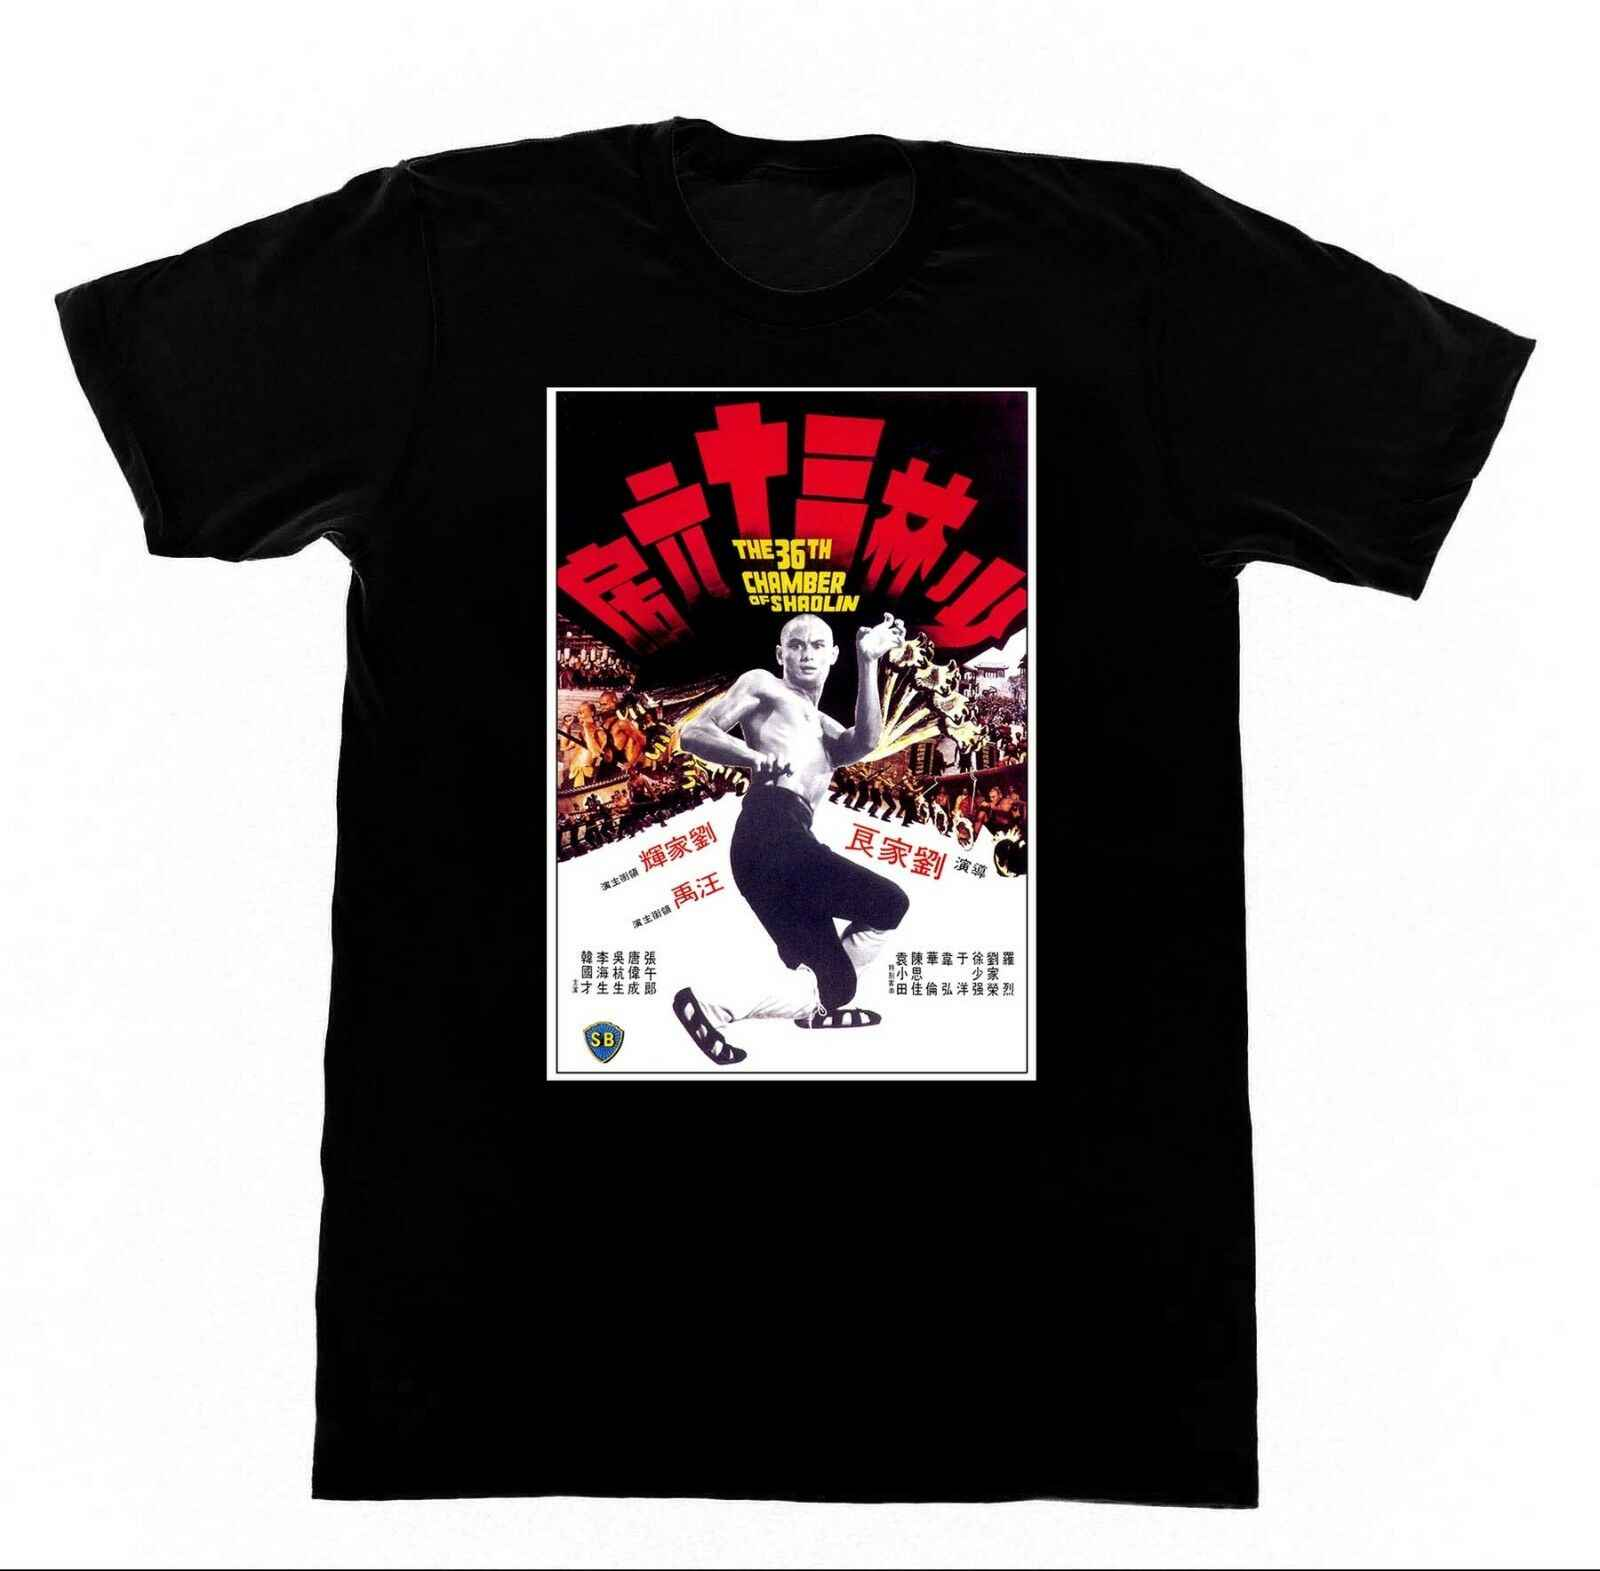 2019 クール 36 室少林寺シャツ Tシャツ M3 シャツウータンクランカンフー Mma ショー着用ユニセックス Tシャツ